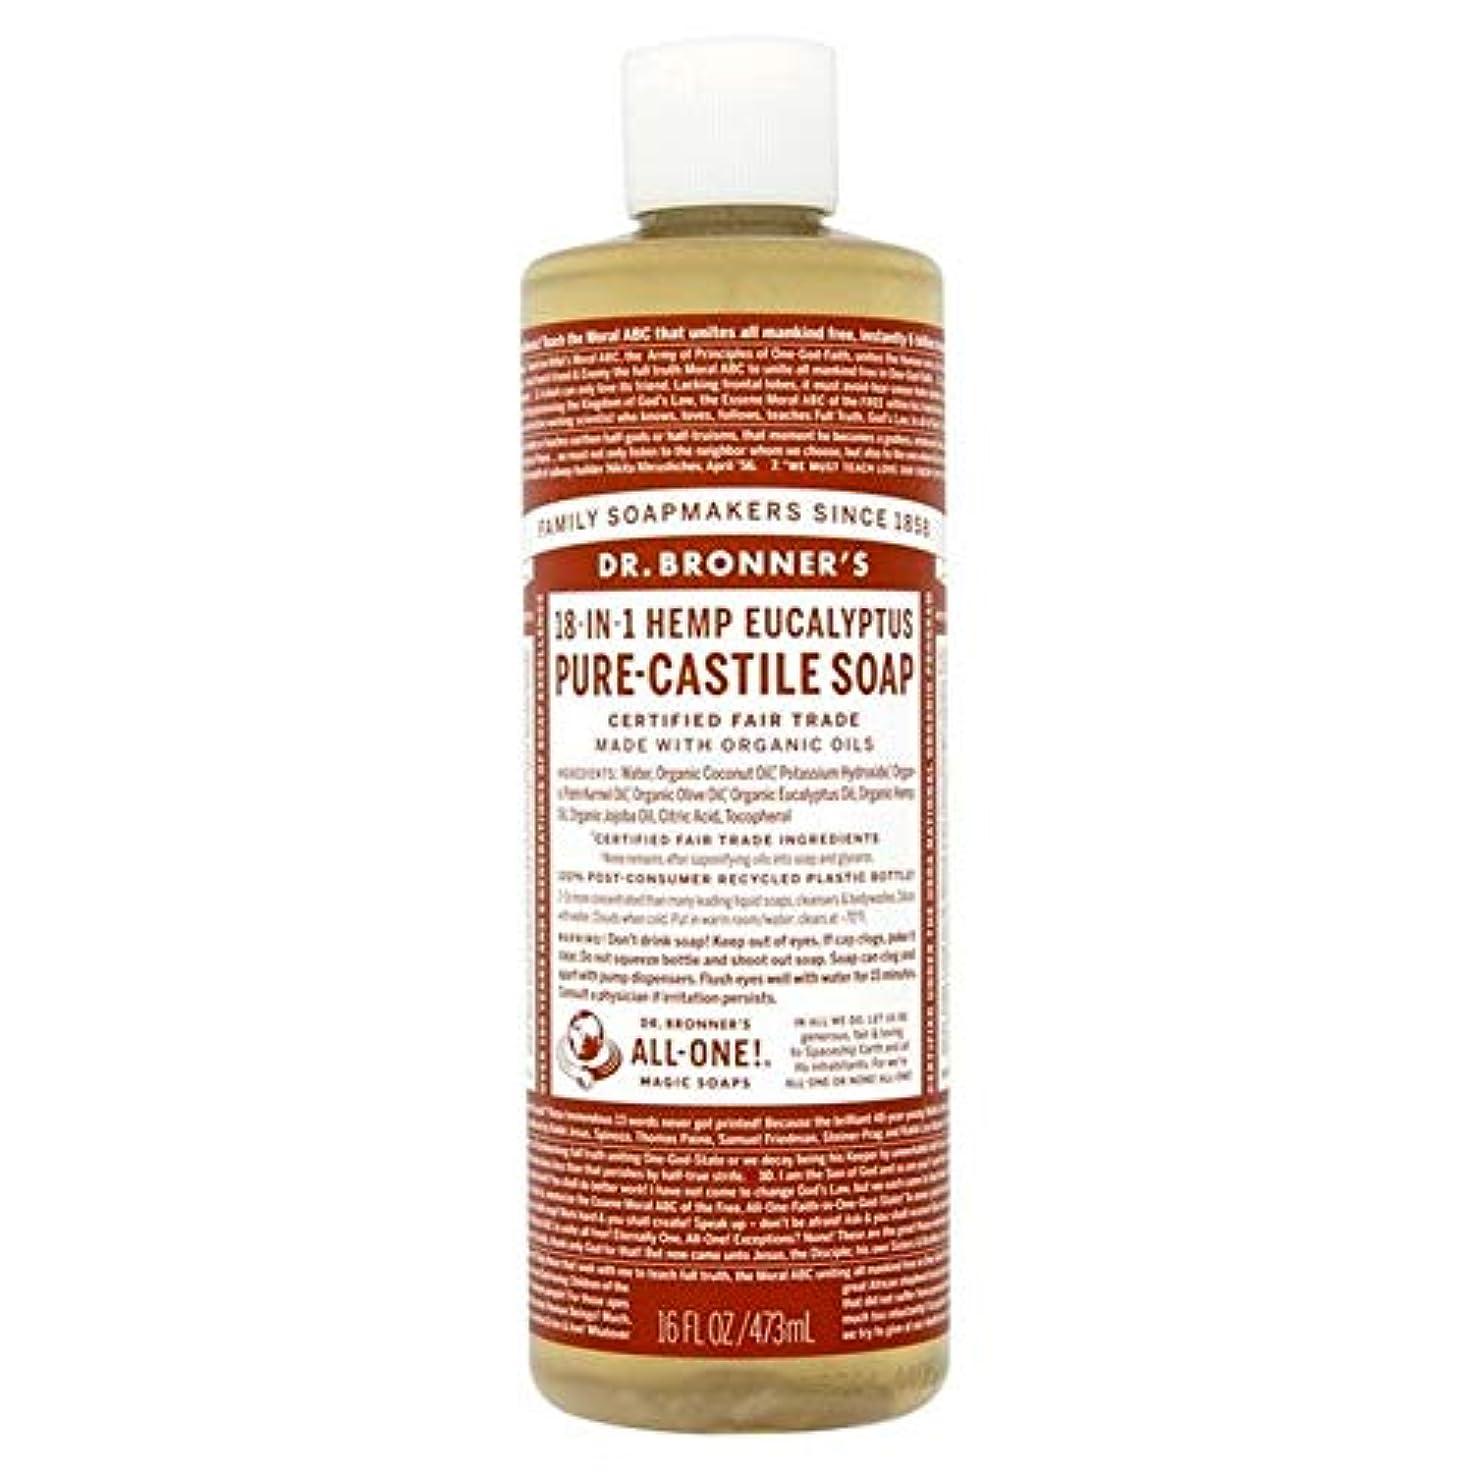 どこか満足できる理想的には[Dr Bronner] Dr。ブロナーズ有機ユーカリの純粋な-カスティーリャ液体石鹸473ミリリットル - Dr. Bronner's Organic Eucalyptus Pure-Castille Liquid Soap...